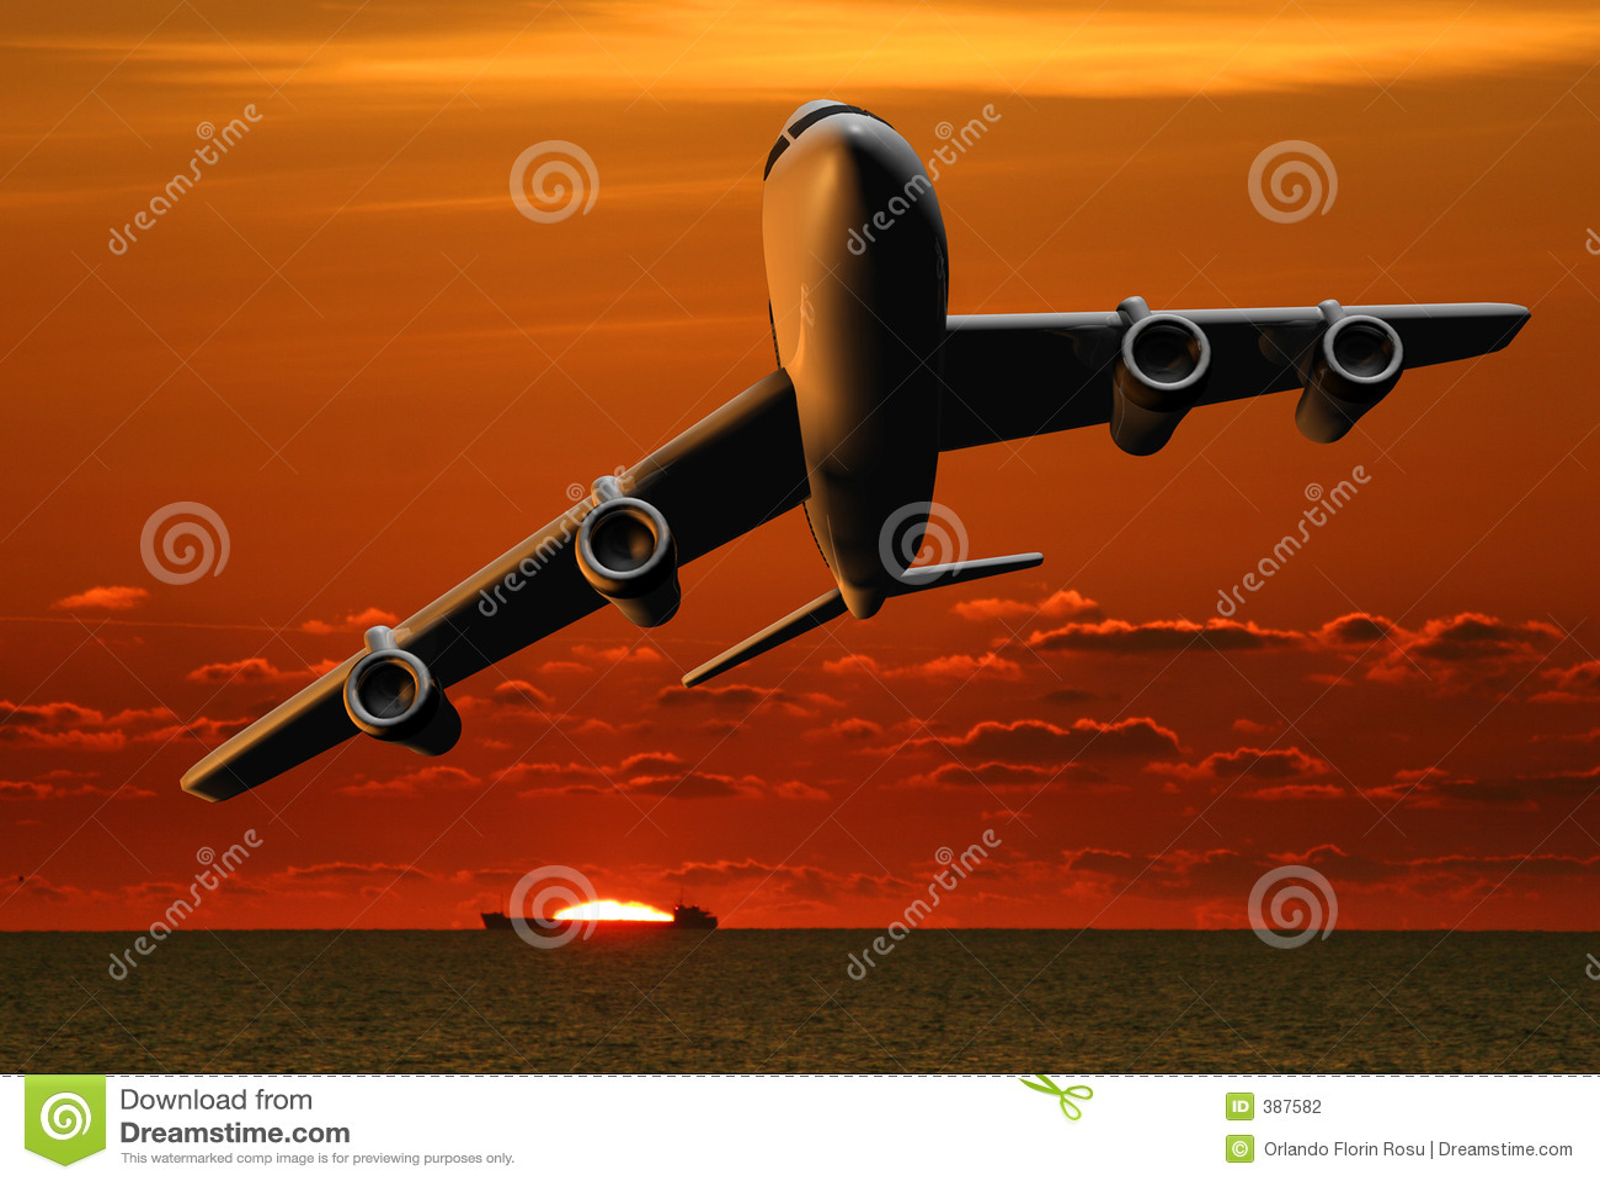 Avion et bateau au coucher du soleil